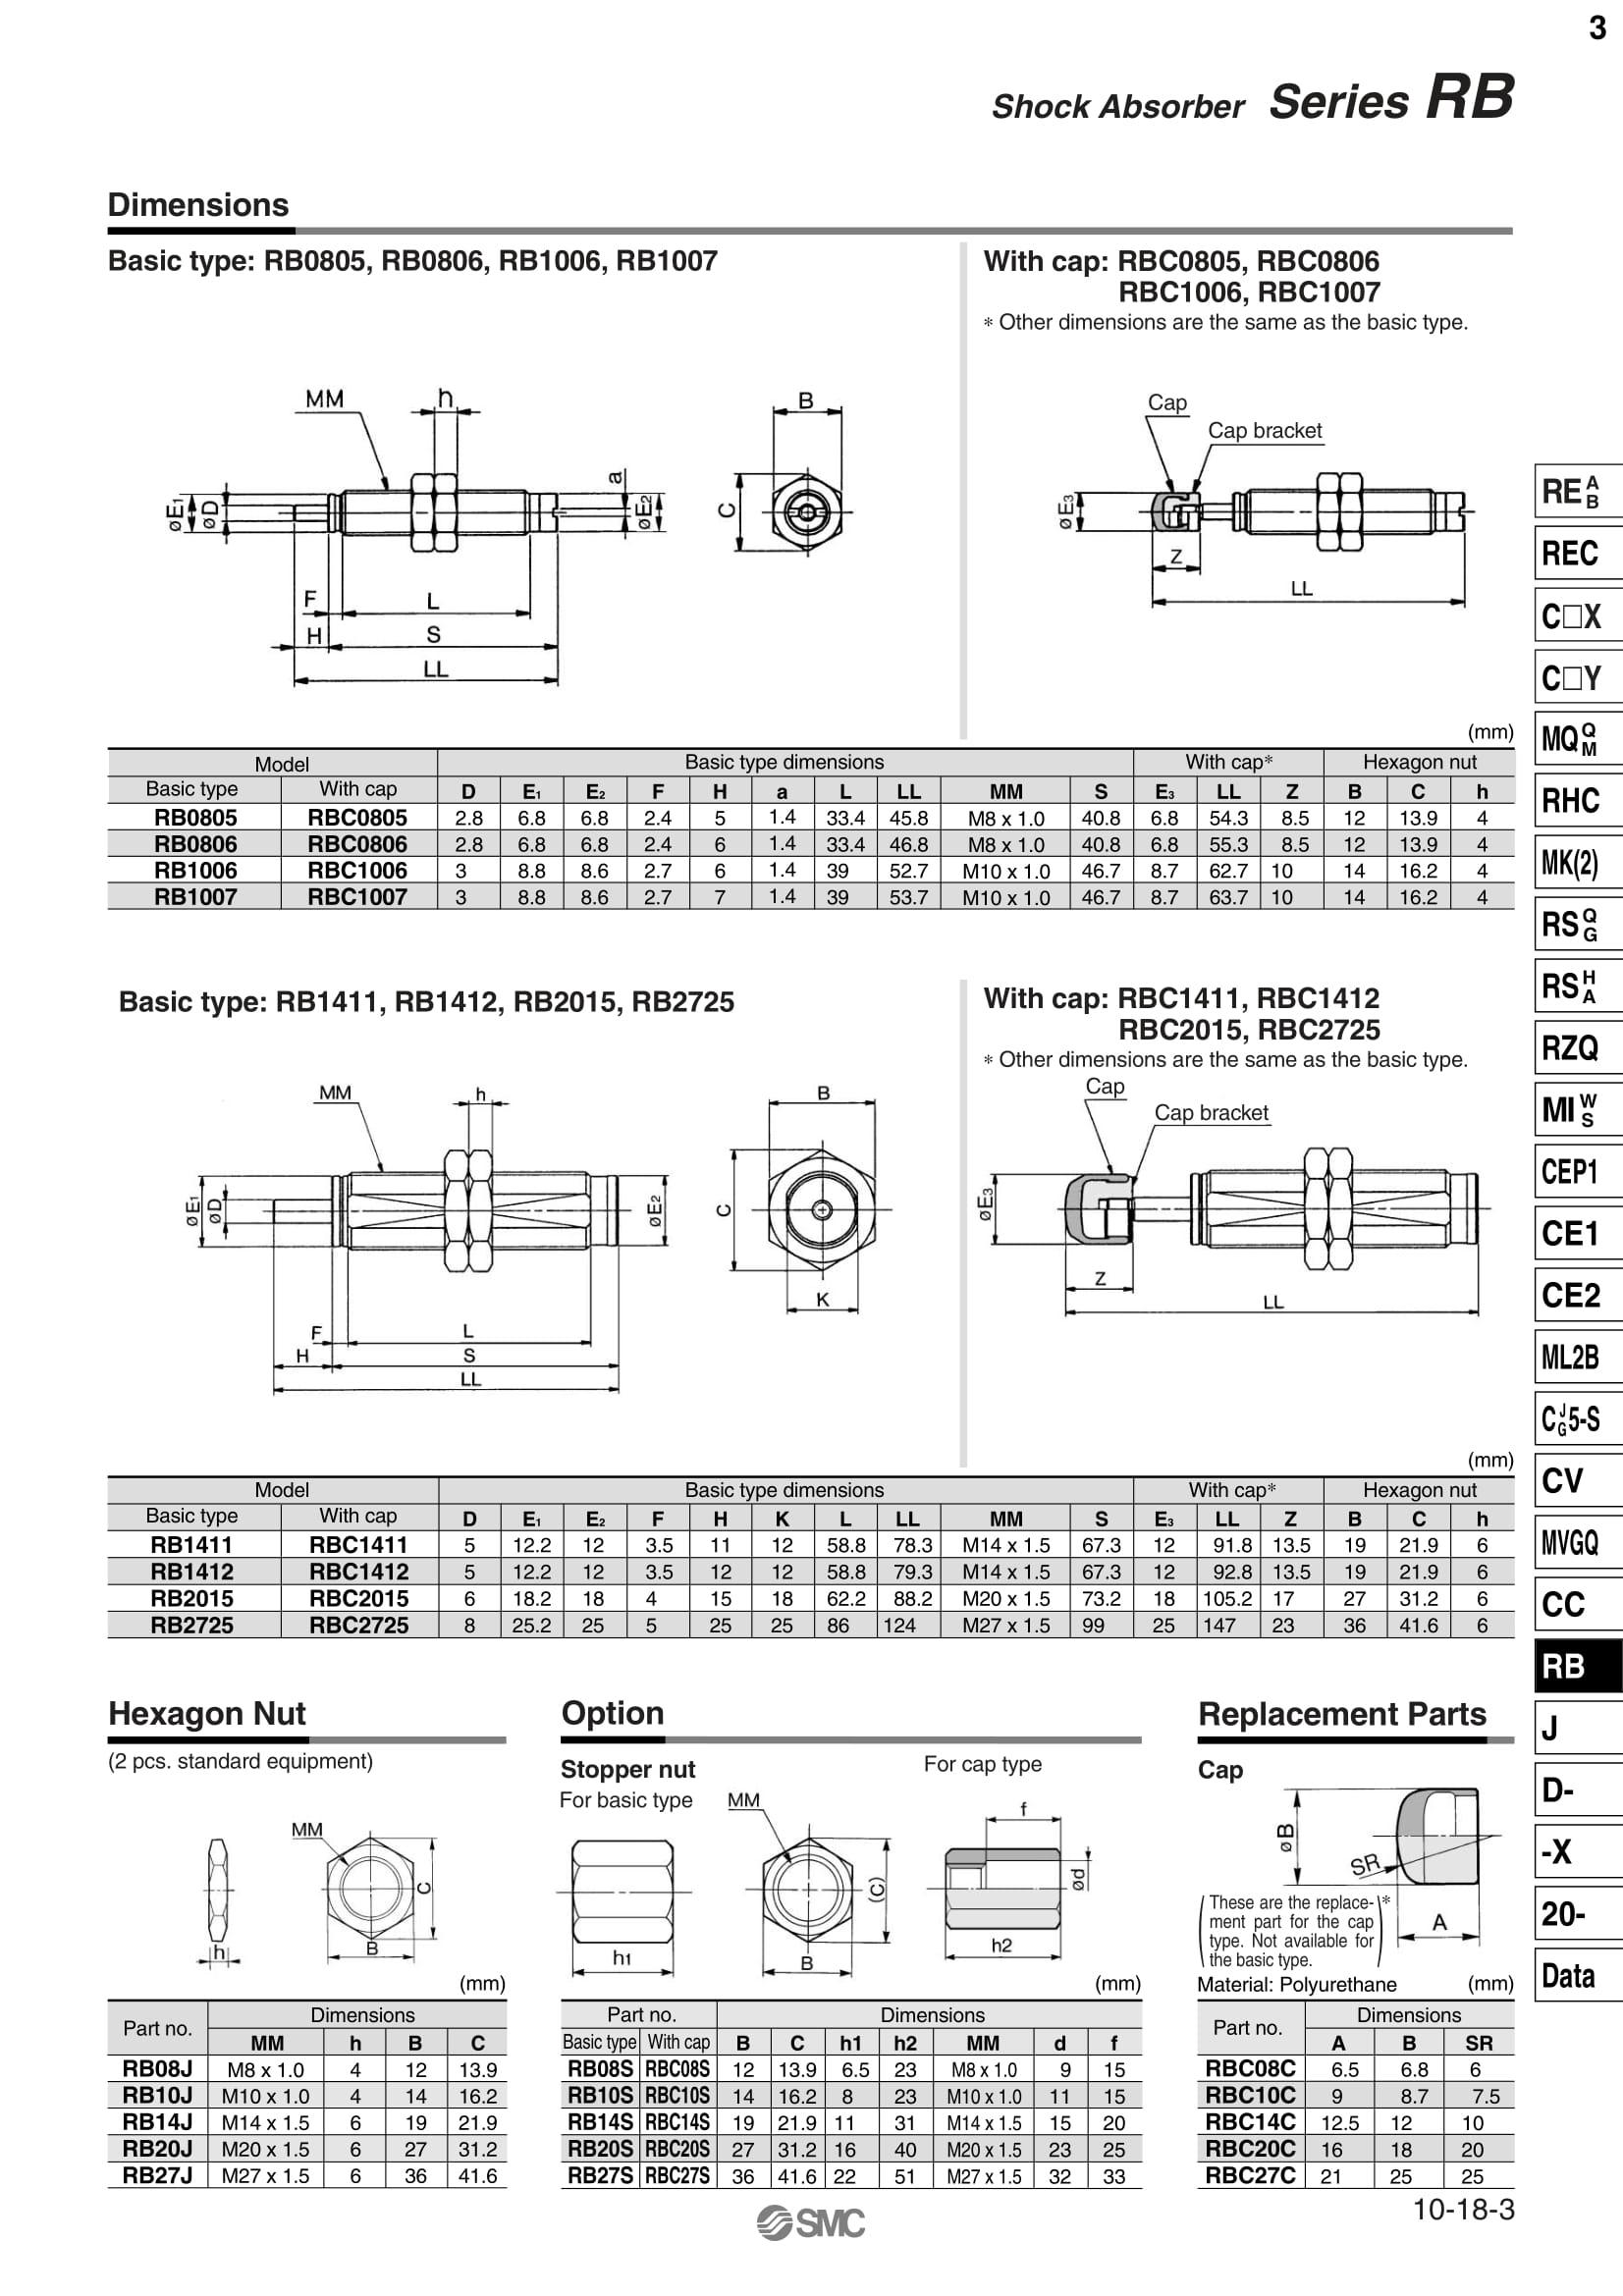 rb_series_shock_absorbers-03